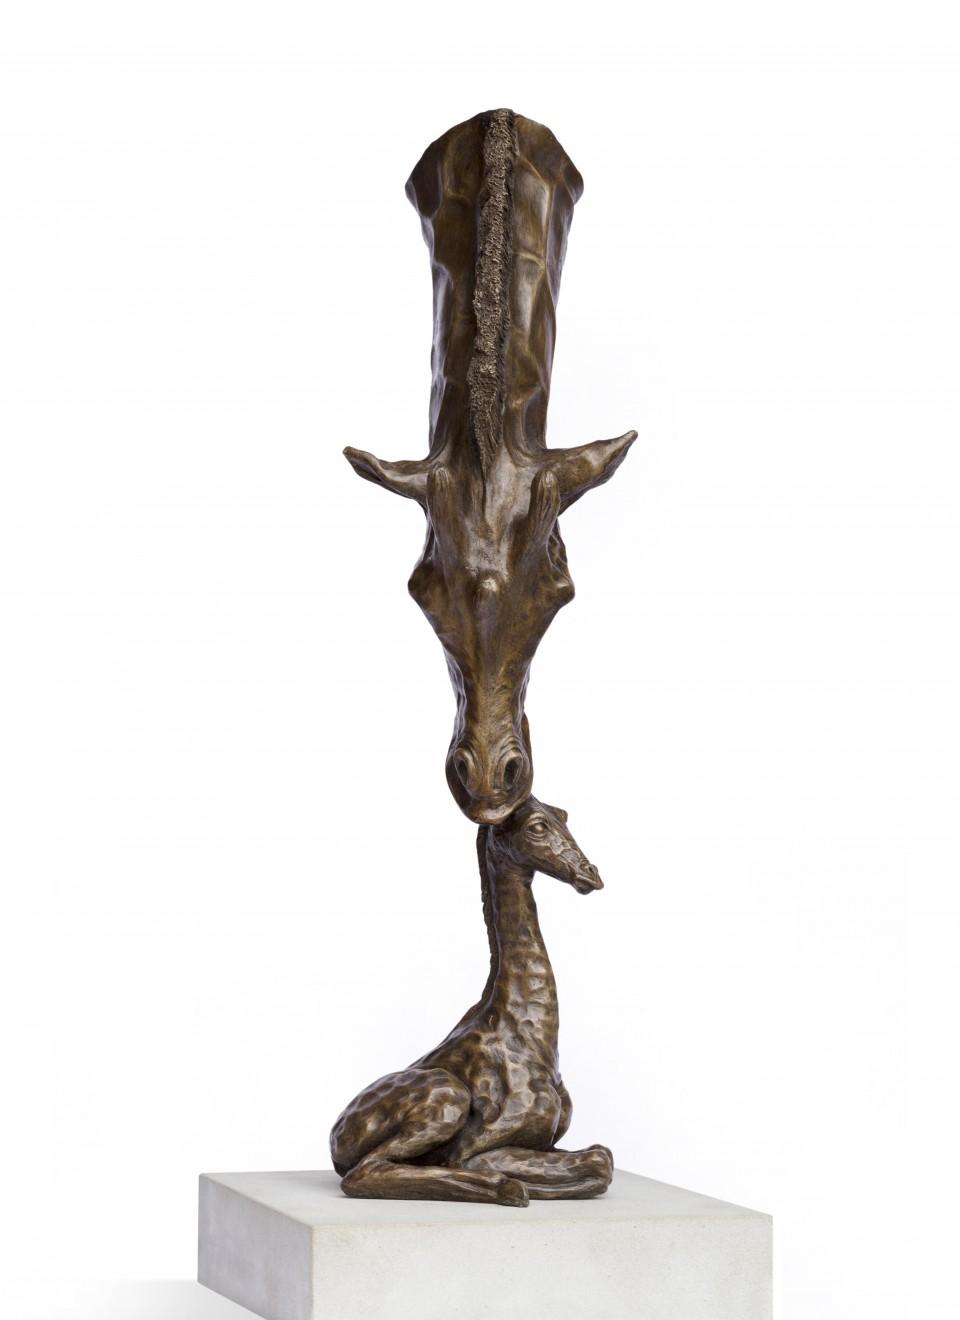 Giraffe2-White1-960x1320.jpg